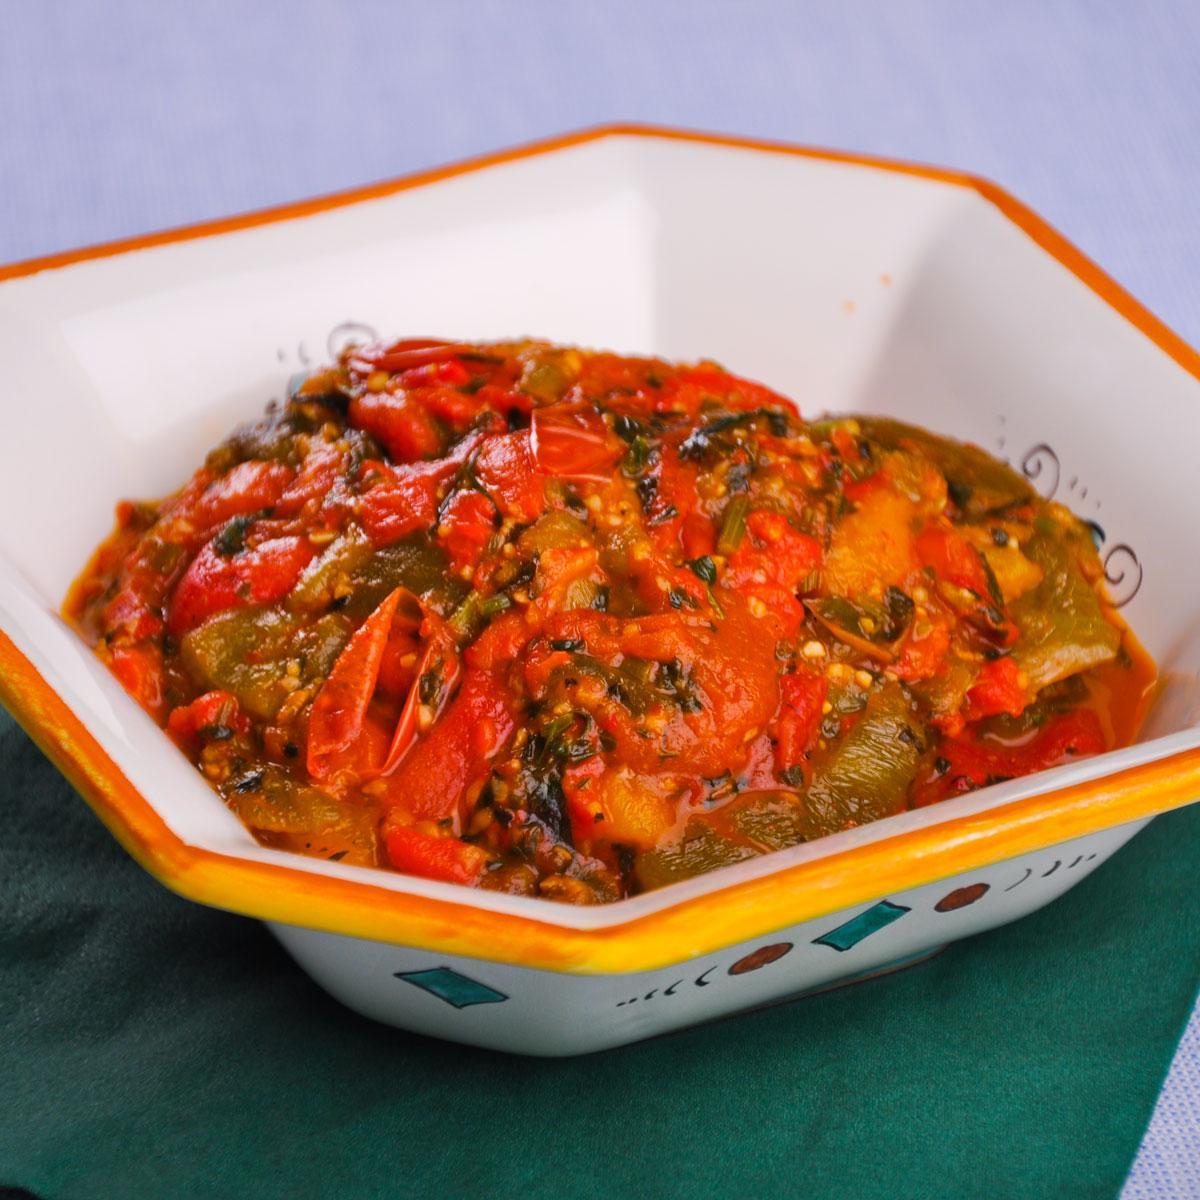 Recette salade marocaine aux poivrons cuisine madame figaro - Cuisine orientale facile ...